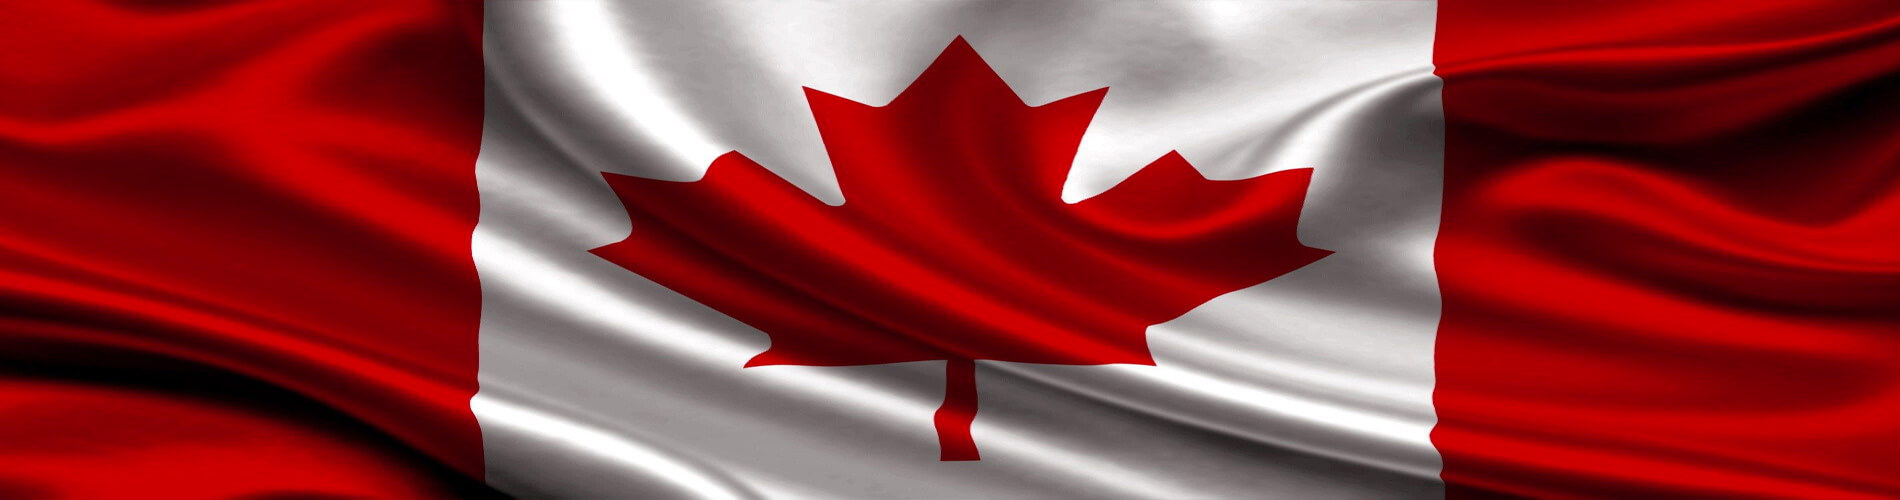 مؤسسه حقوقی اَپلو، متخصص در اخذ ویزا، اقامت و پاسپورت کانادا